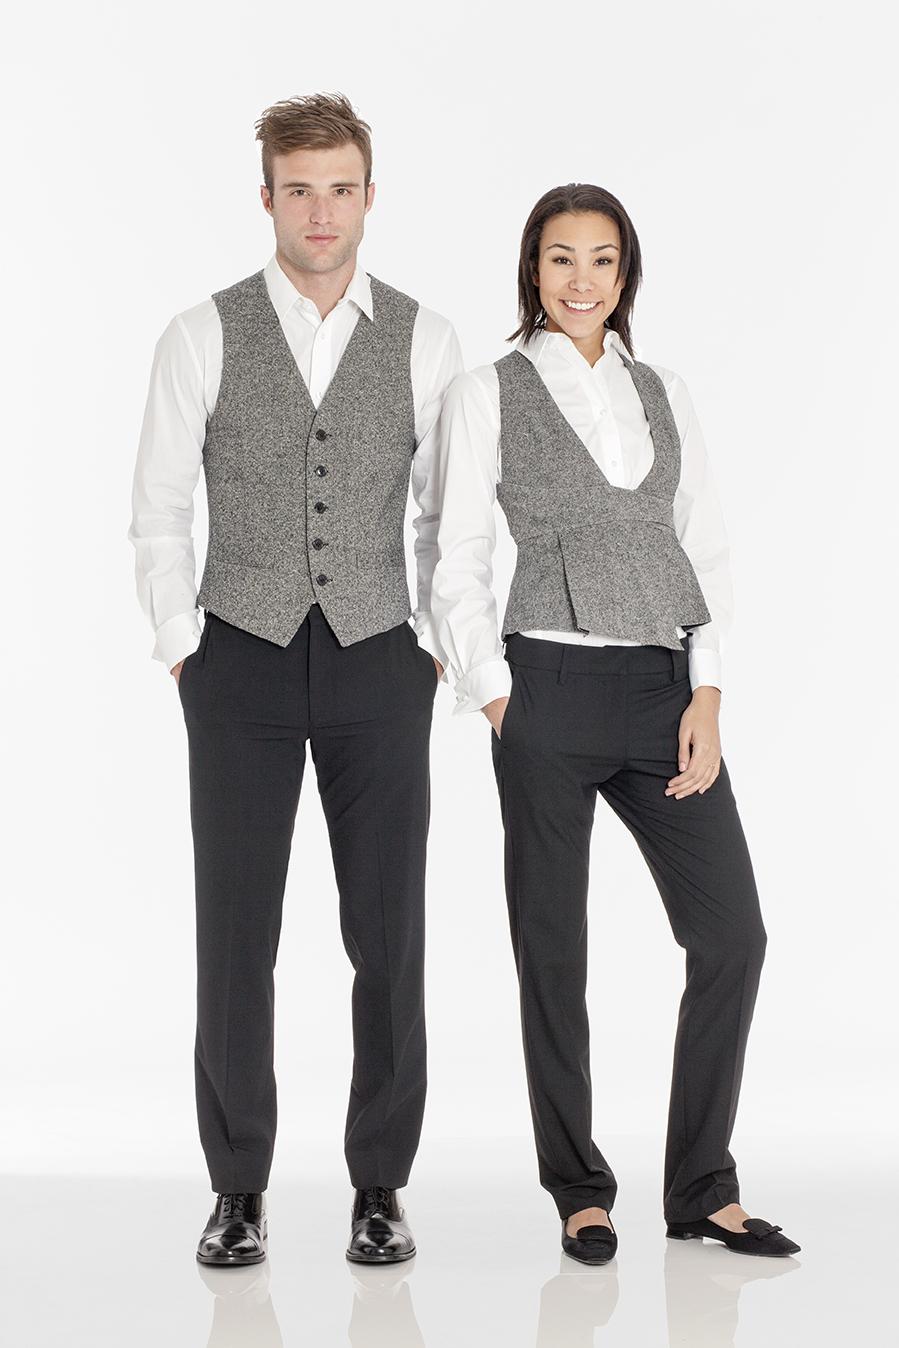 Vest 1288/1107 Shirt 1000FC/500FC Pant 297/125